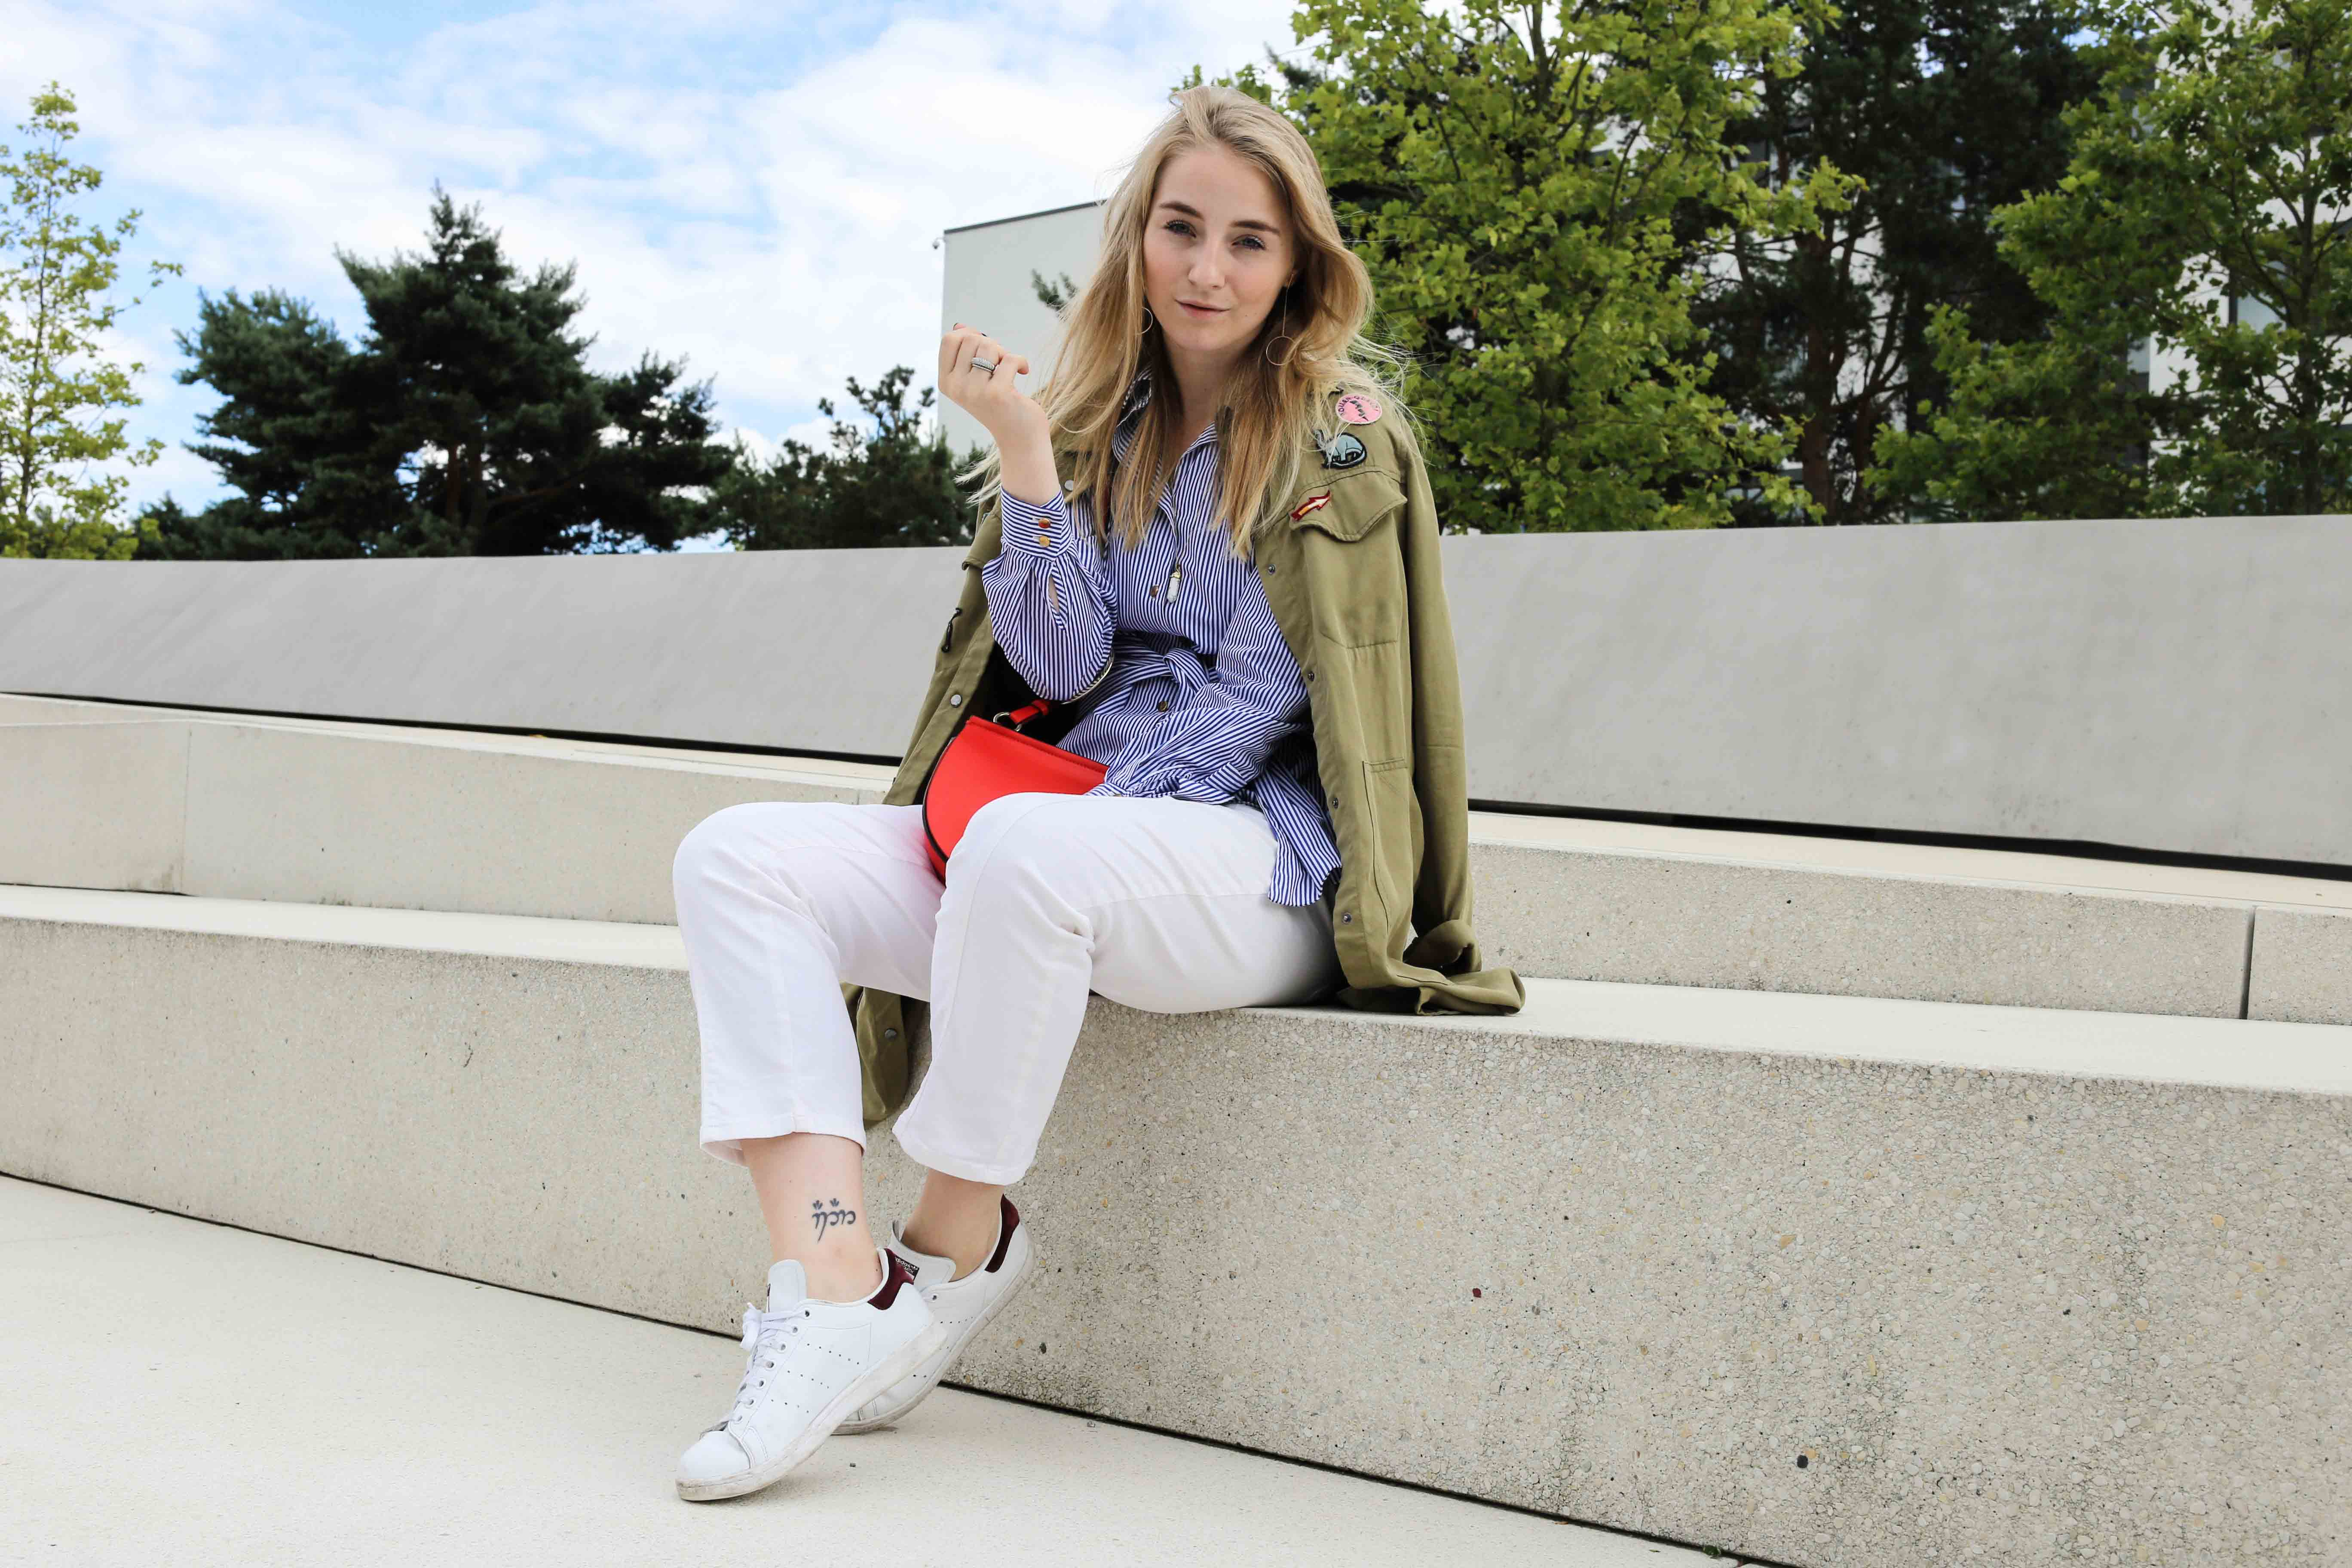 die-kleine-rote-weiße-hose-sneaker-schleifenbluse-zugeschnürt-modeblog_9769